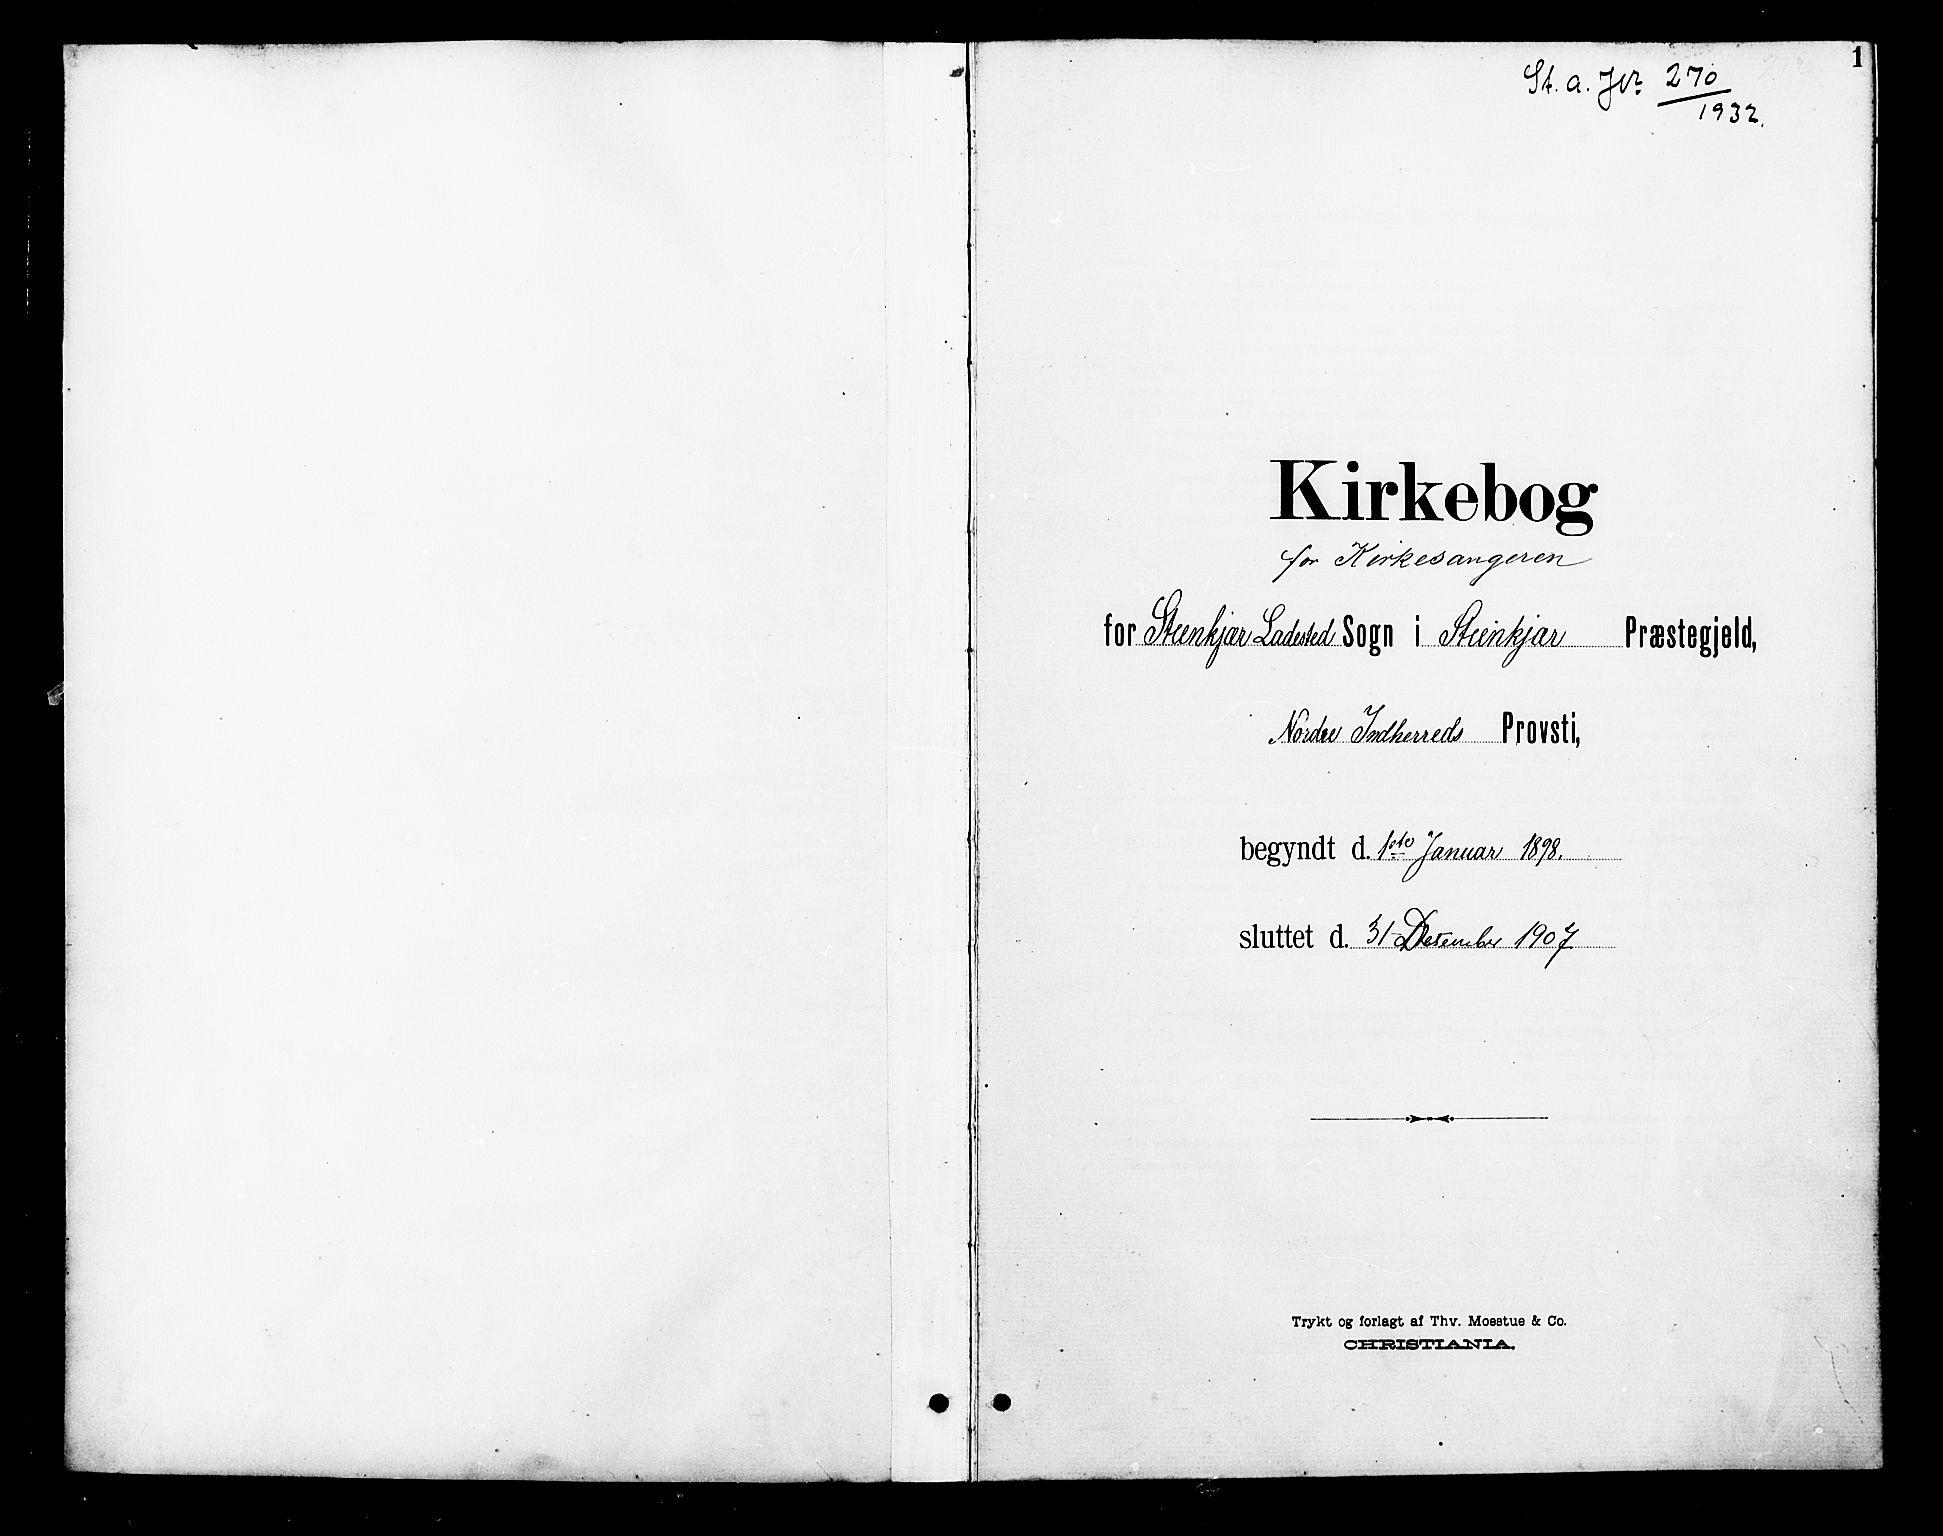 SAT, Ministerialprotokoller, klokkerbøker og fødselsregistre - Nord-Trøndelag, 739/L0375: Klokkerbok nr. 739C03, 1898-1908, s. 1